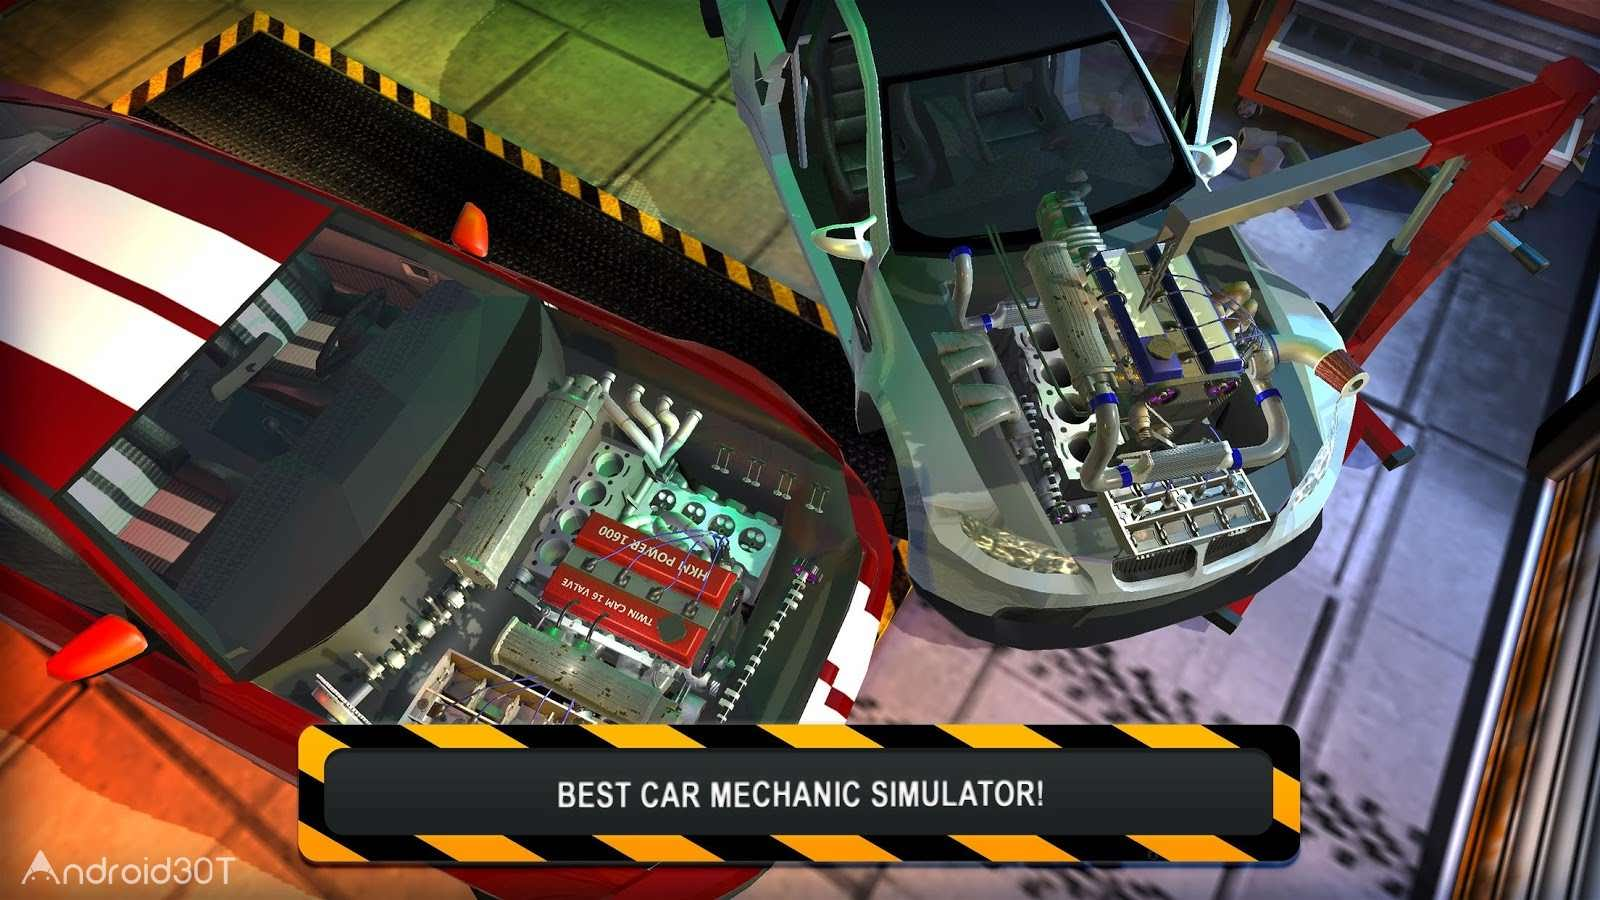 دانلود Car Mechanic Job: Simulator 1.3.44 – بازی شبیه سازی مکانیک ماشین اندروید